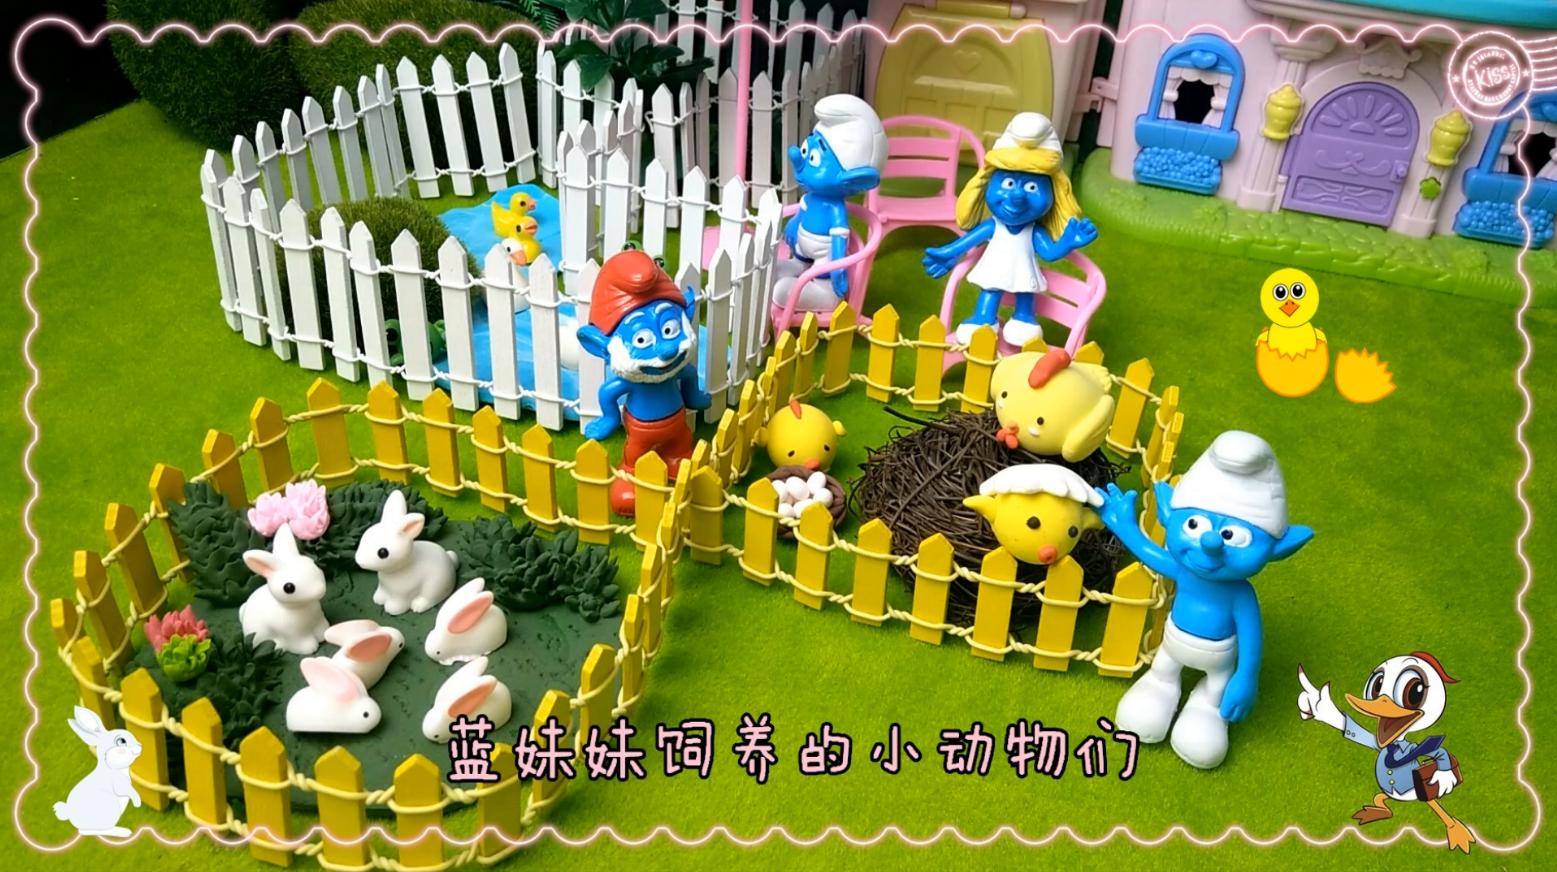 蓝妹妹饲养的小动物们亲子故事 幼儿园手工彩泥